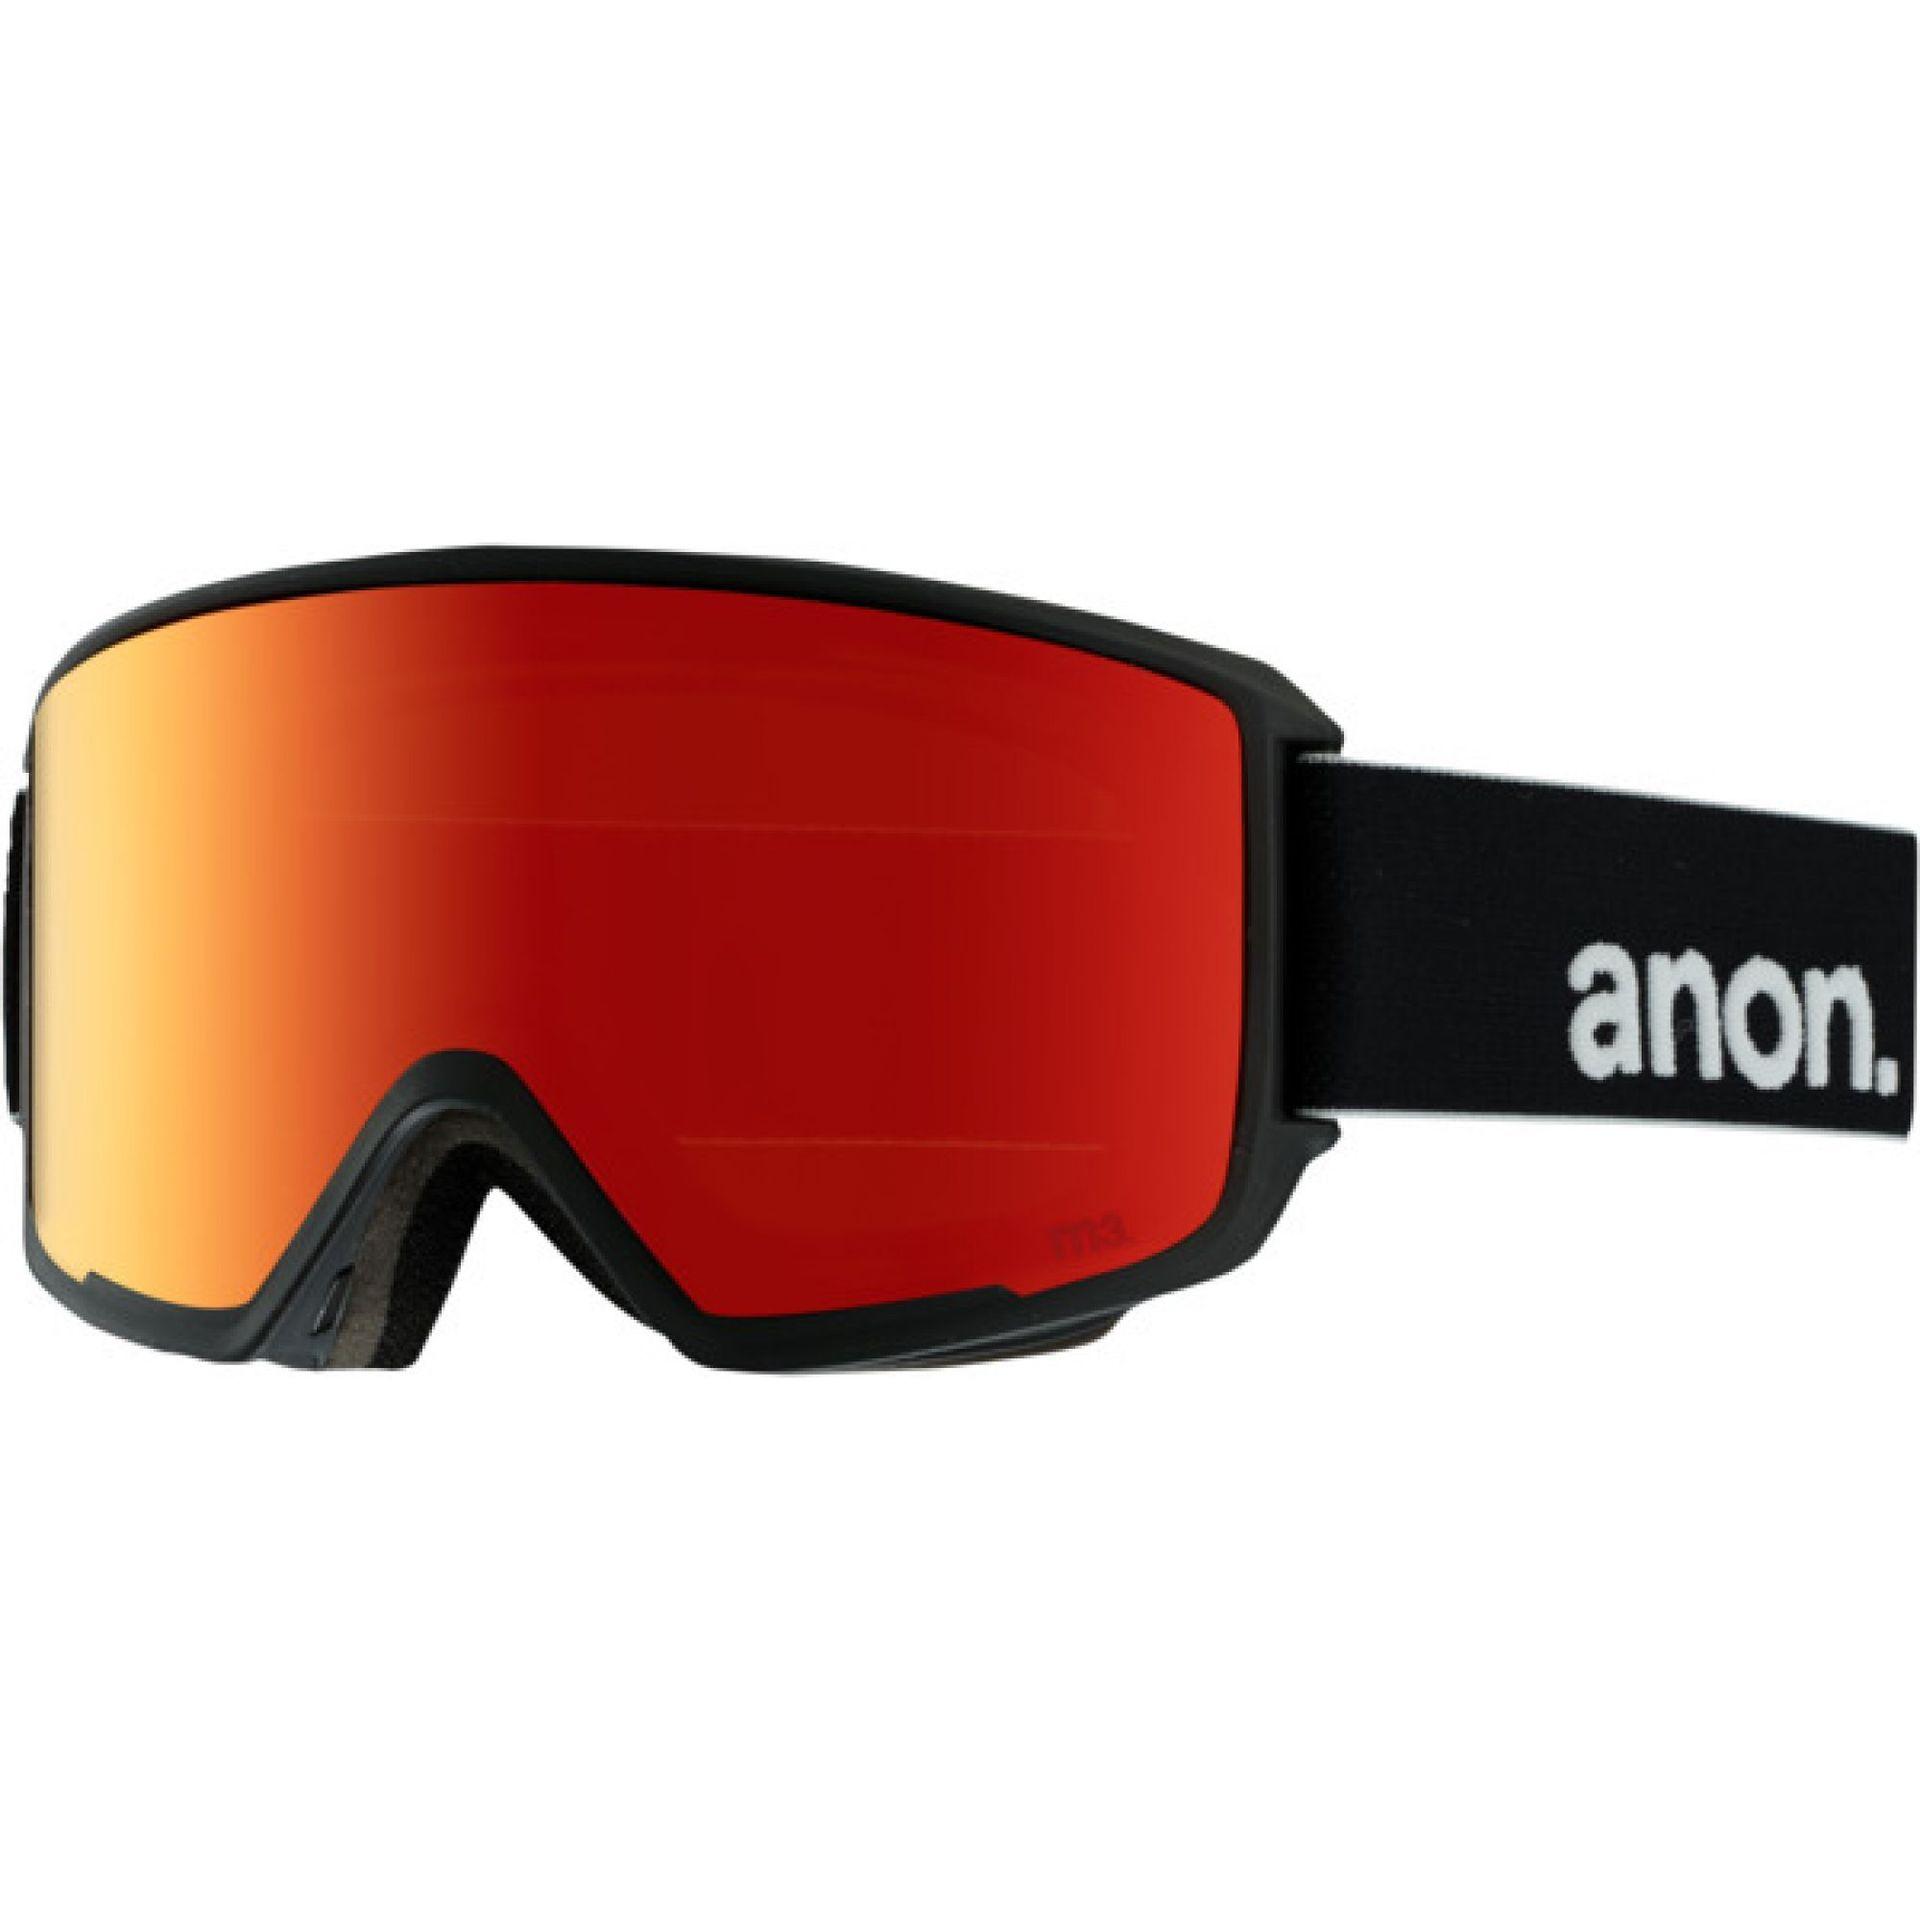 GOGLE ANON M3 BLACK RED SOLEX